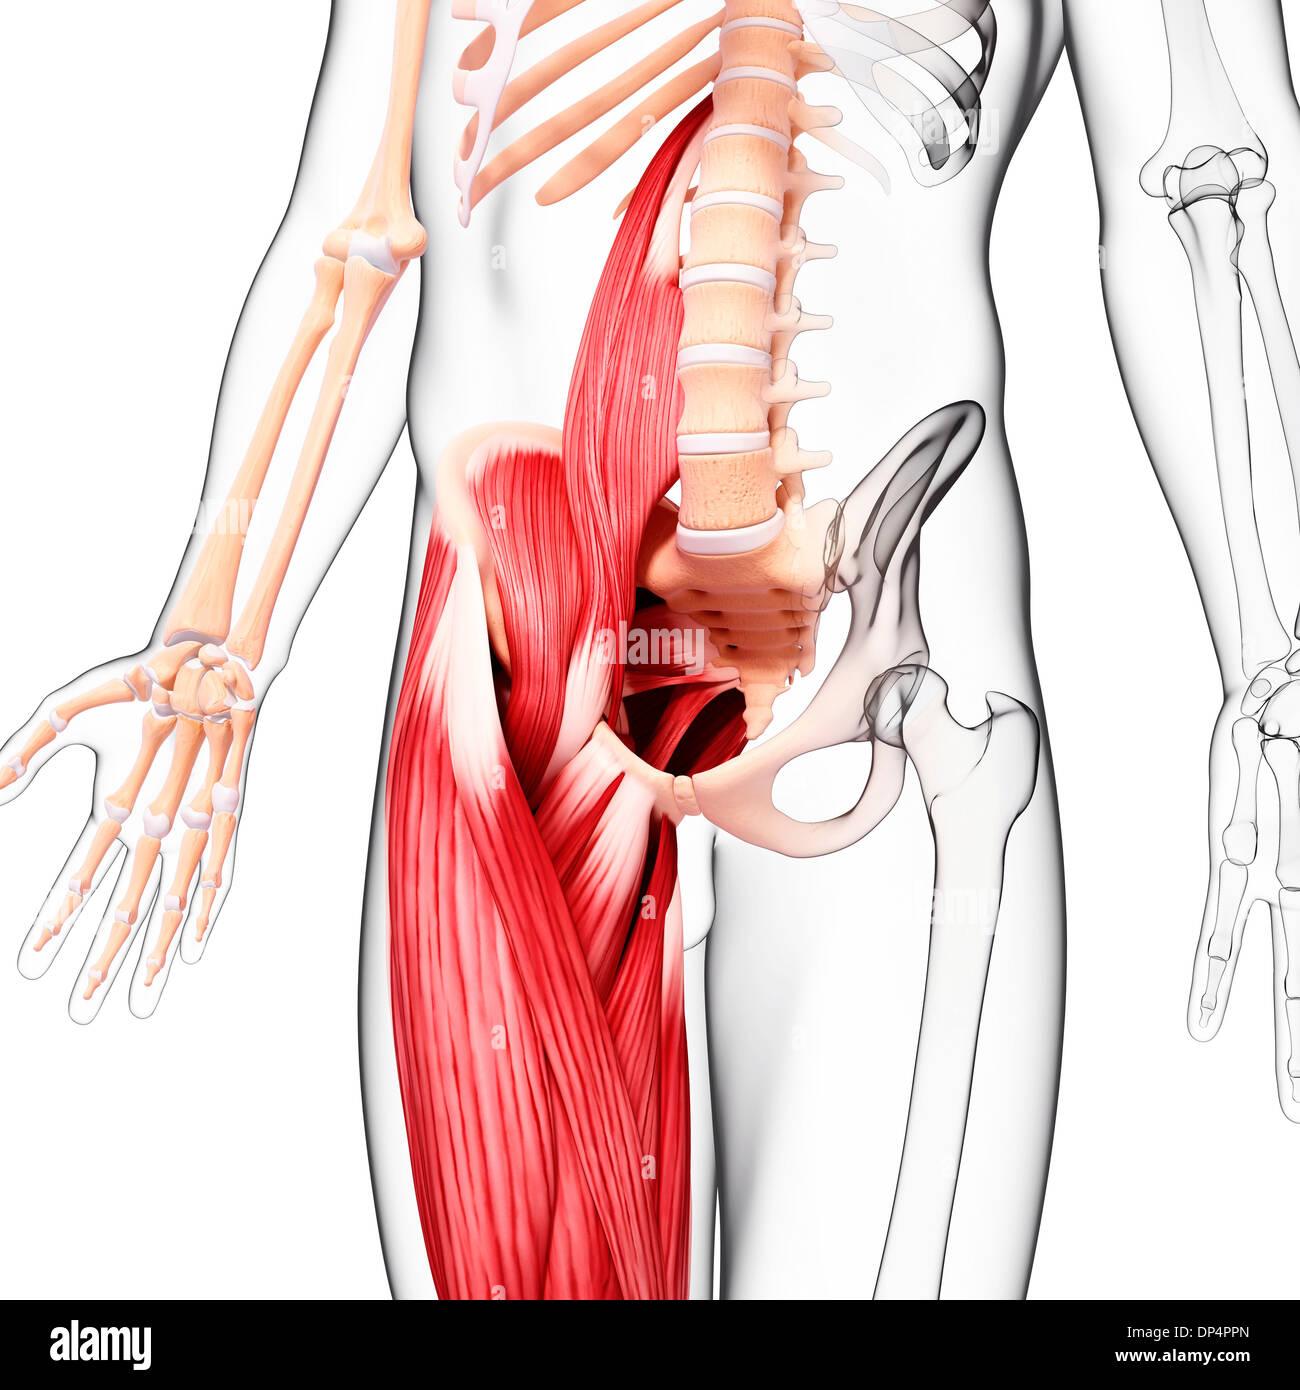 Gemütlich Handgelenk Muskeln Anatomie Galerie - Menschliche Anatomie ...